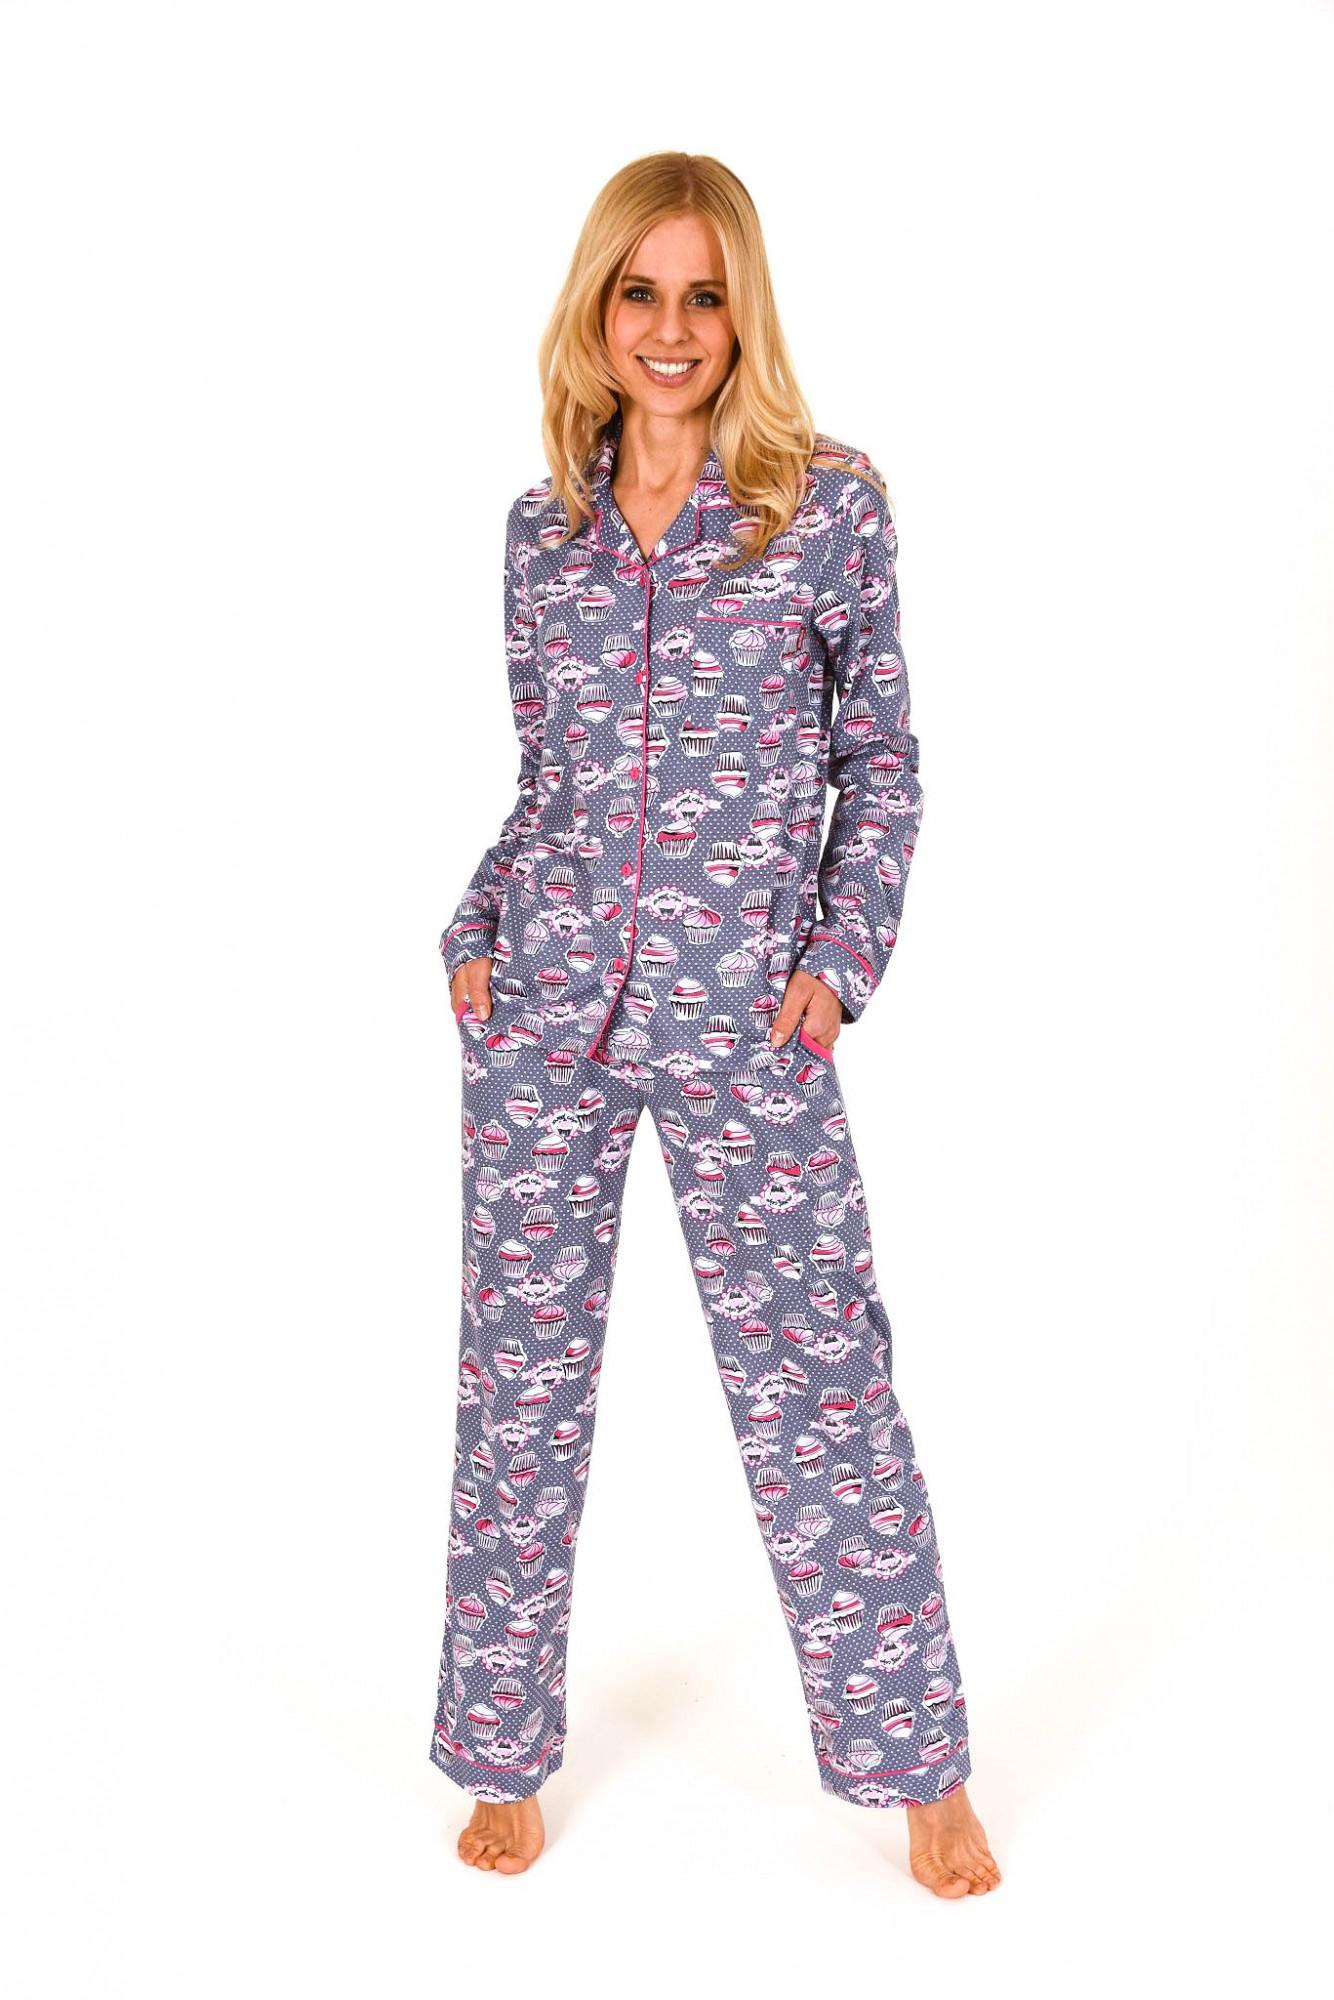 Damen Pyjama lang mit Cupcake-alloverdruck und durchknöpfbar 261 201 90 104 001